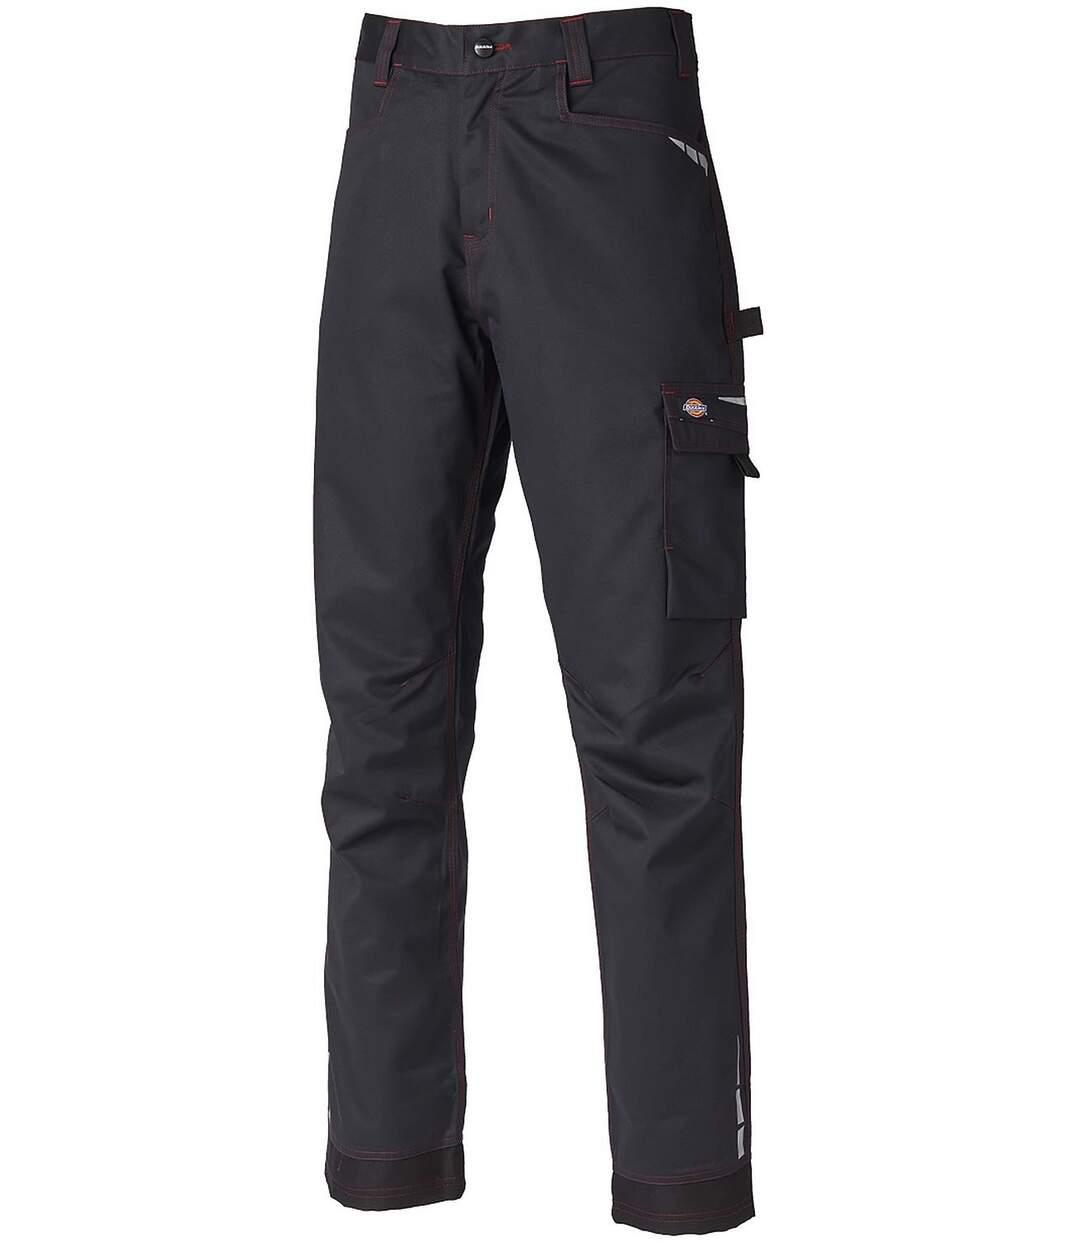 Pantalon de travail homme - DCV1000R - noir coutures rouges